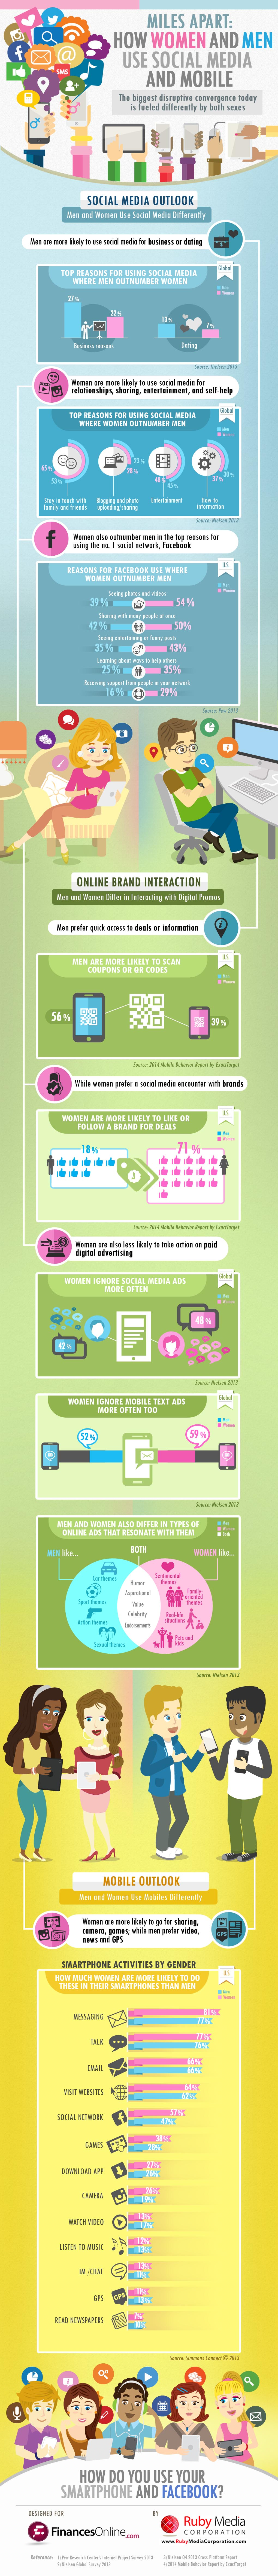 Réseaux sociaux infographie